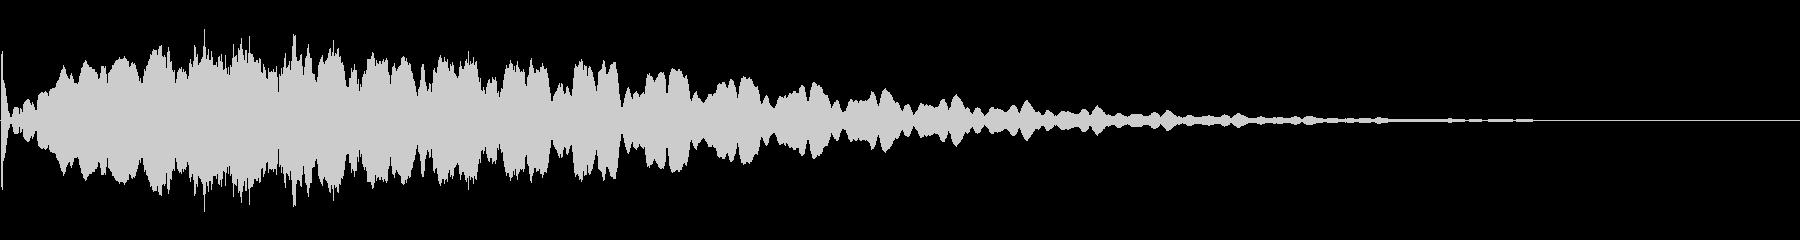 キュイーン、キーン、チュイーン、キラーンの未再生の波形